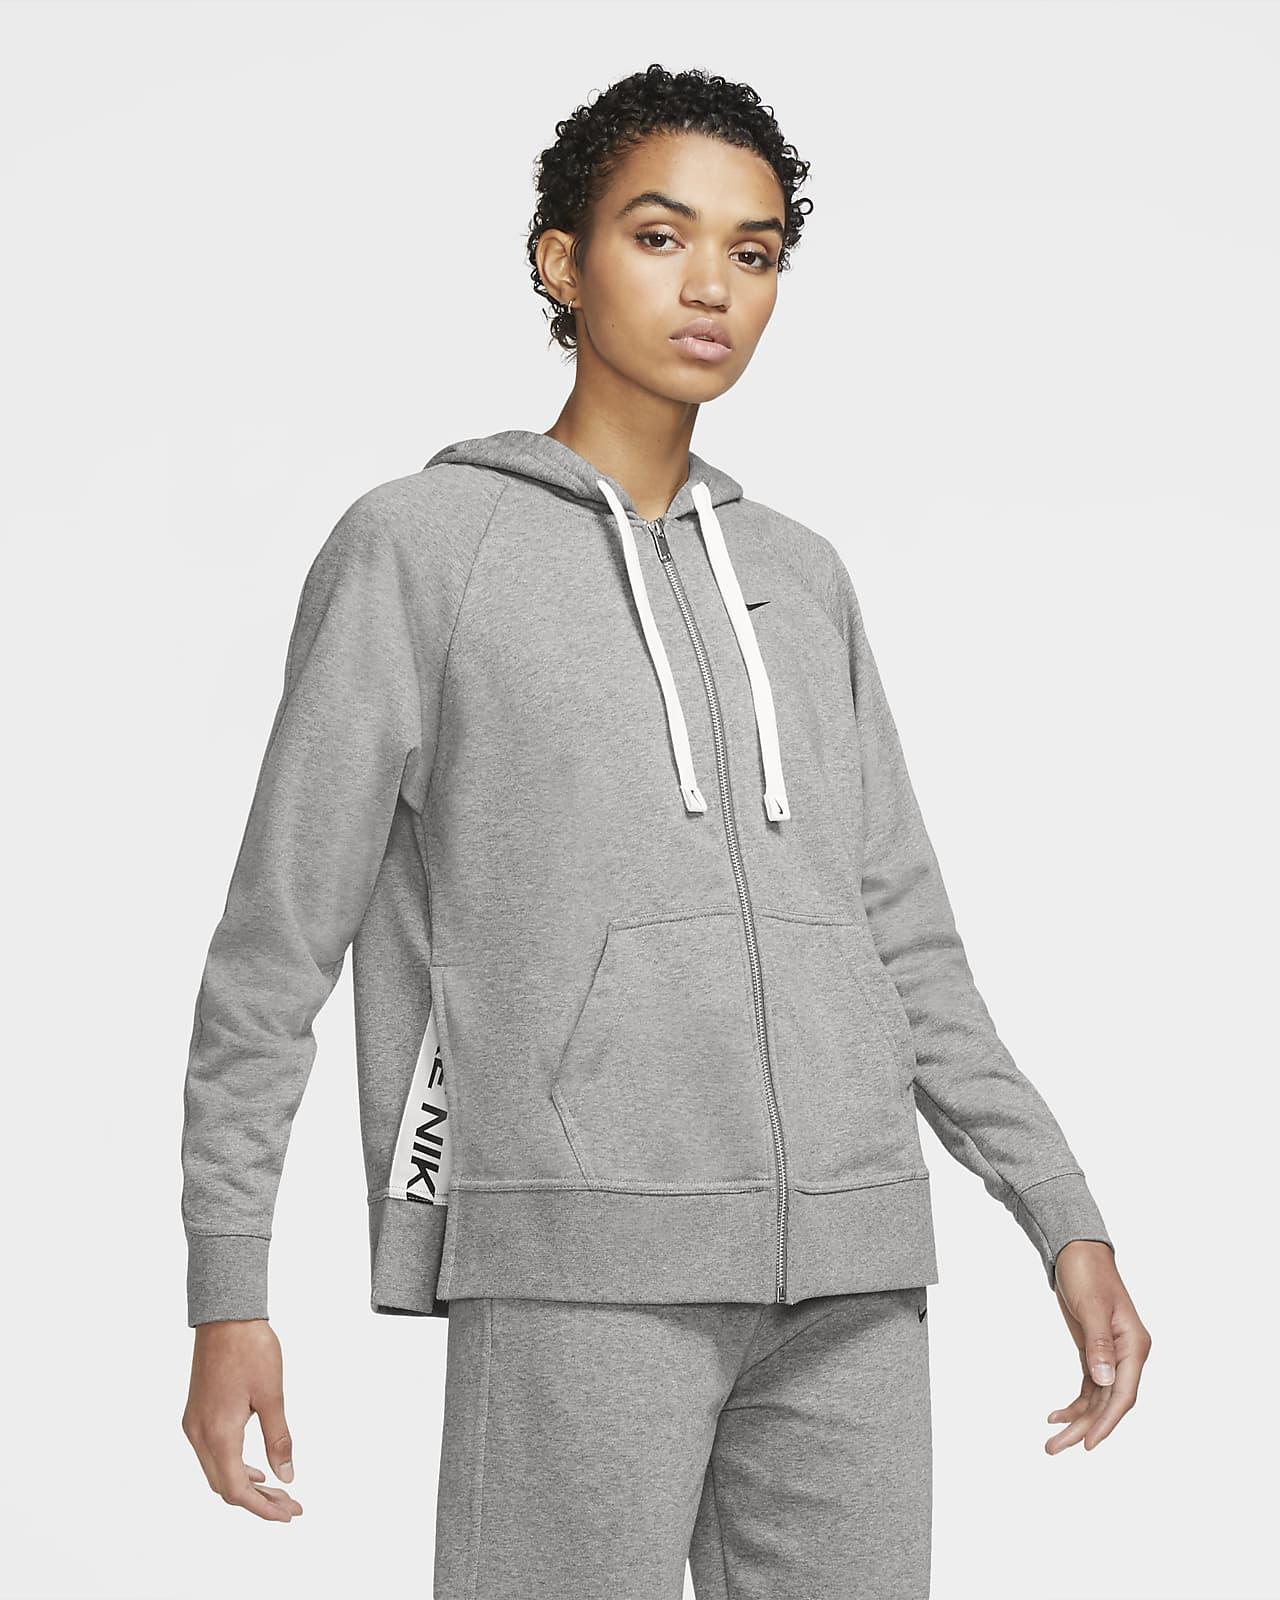 Sudadera con capucha de entrenamiento de cierre completo para mujer Nike Dri-FIT Get Fit